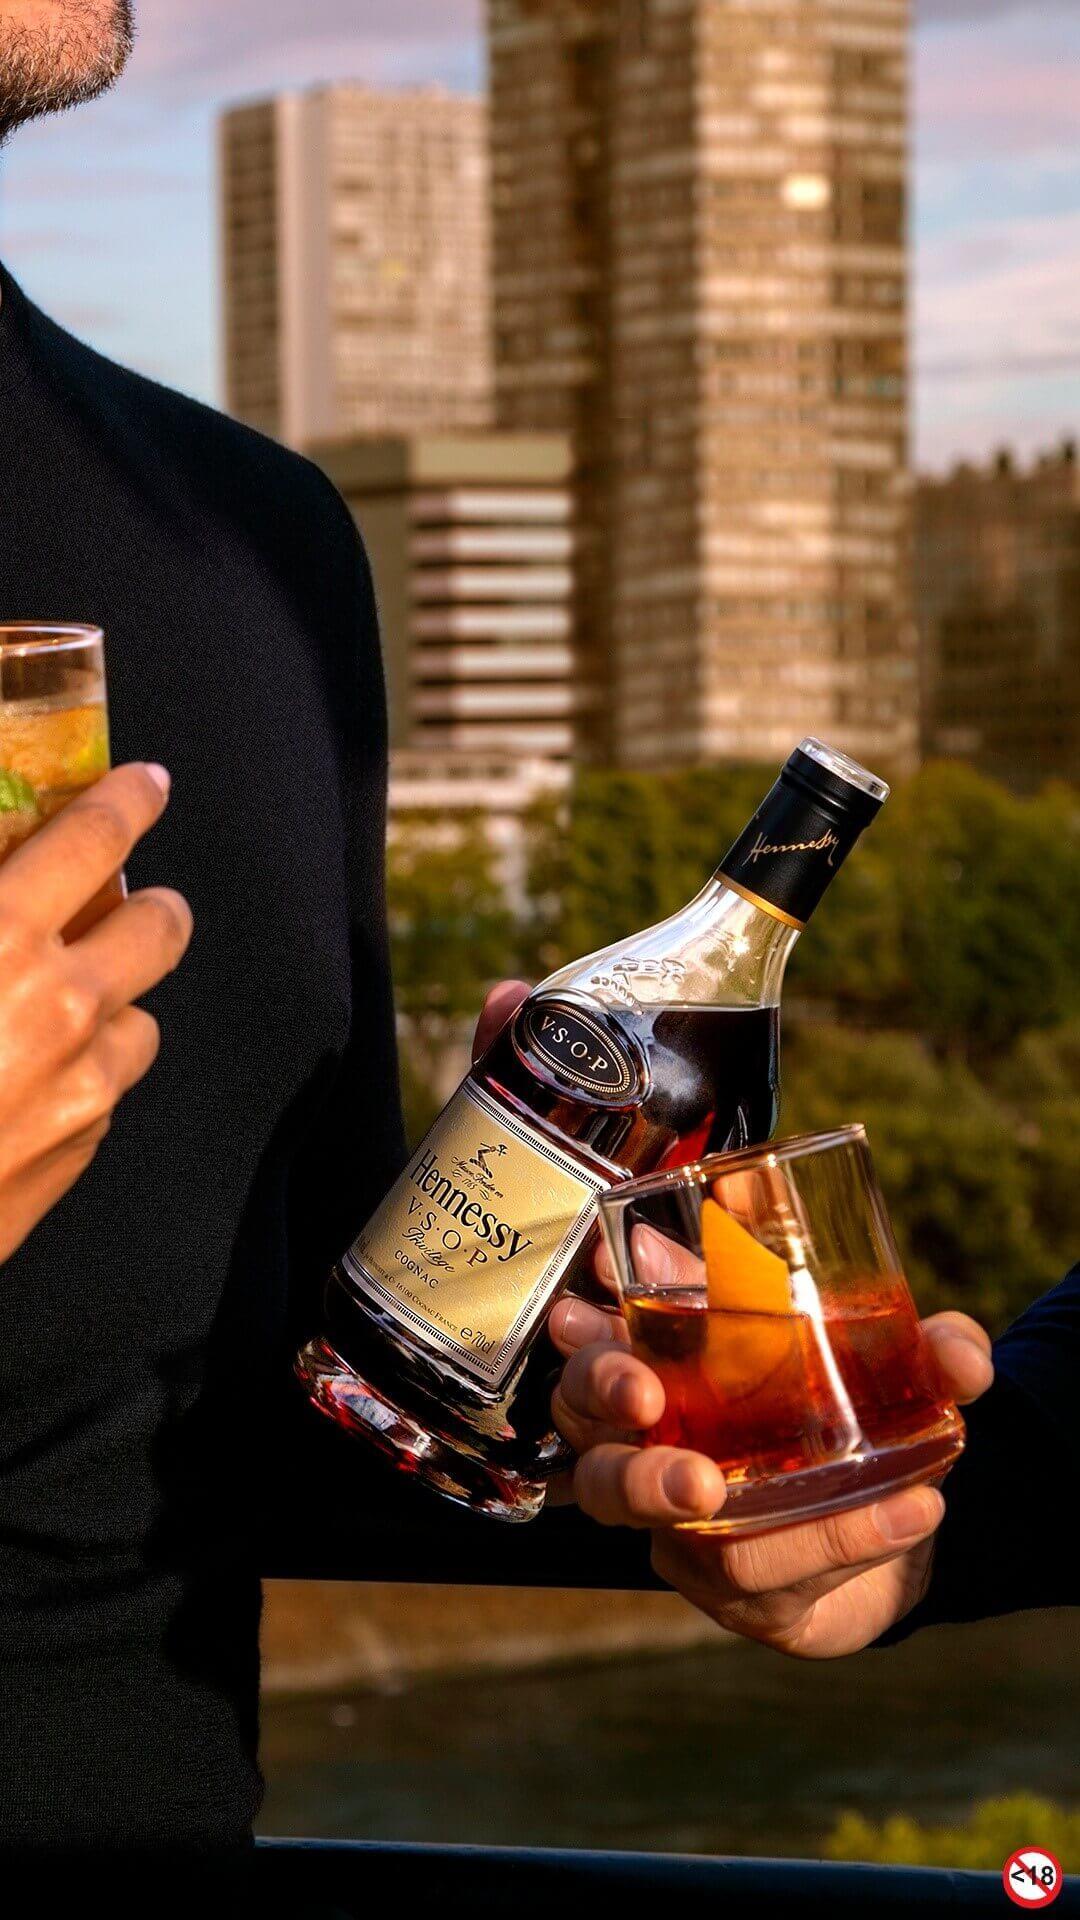 Hennessy Cognac V.S.O.P Privilège - The Original VSOP